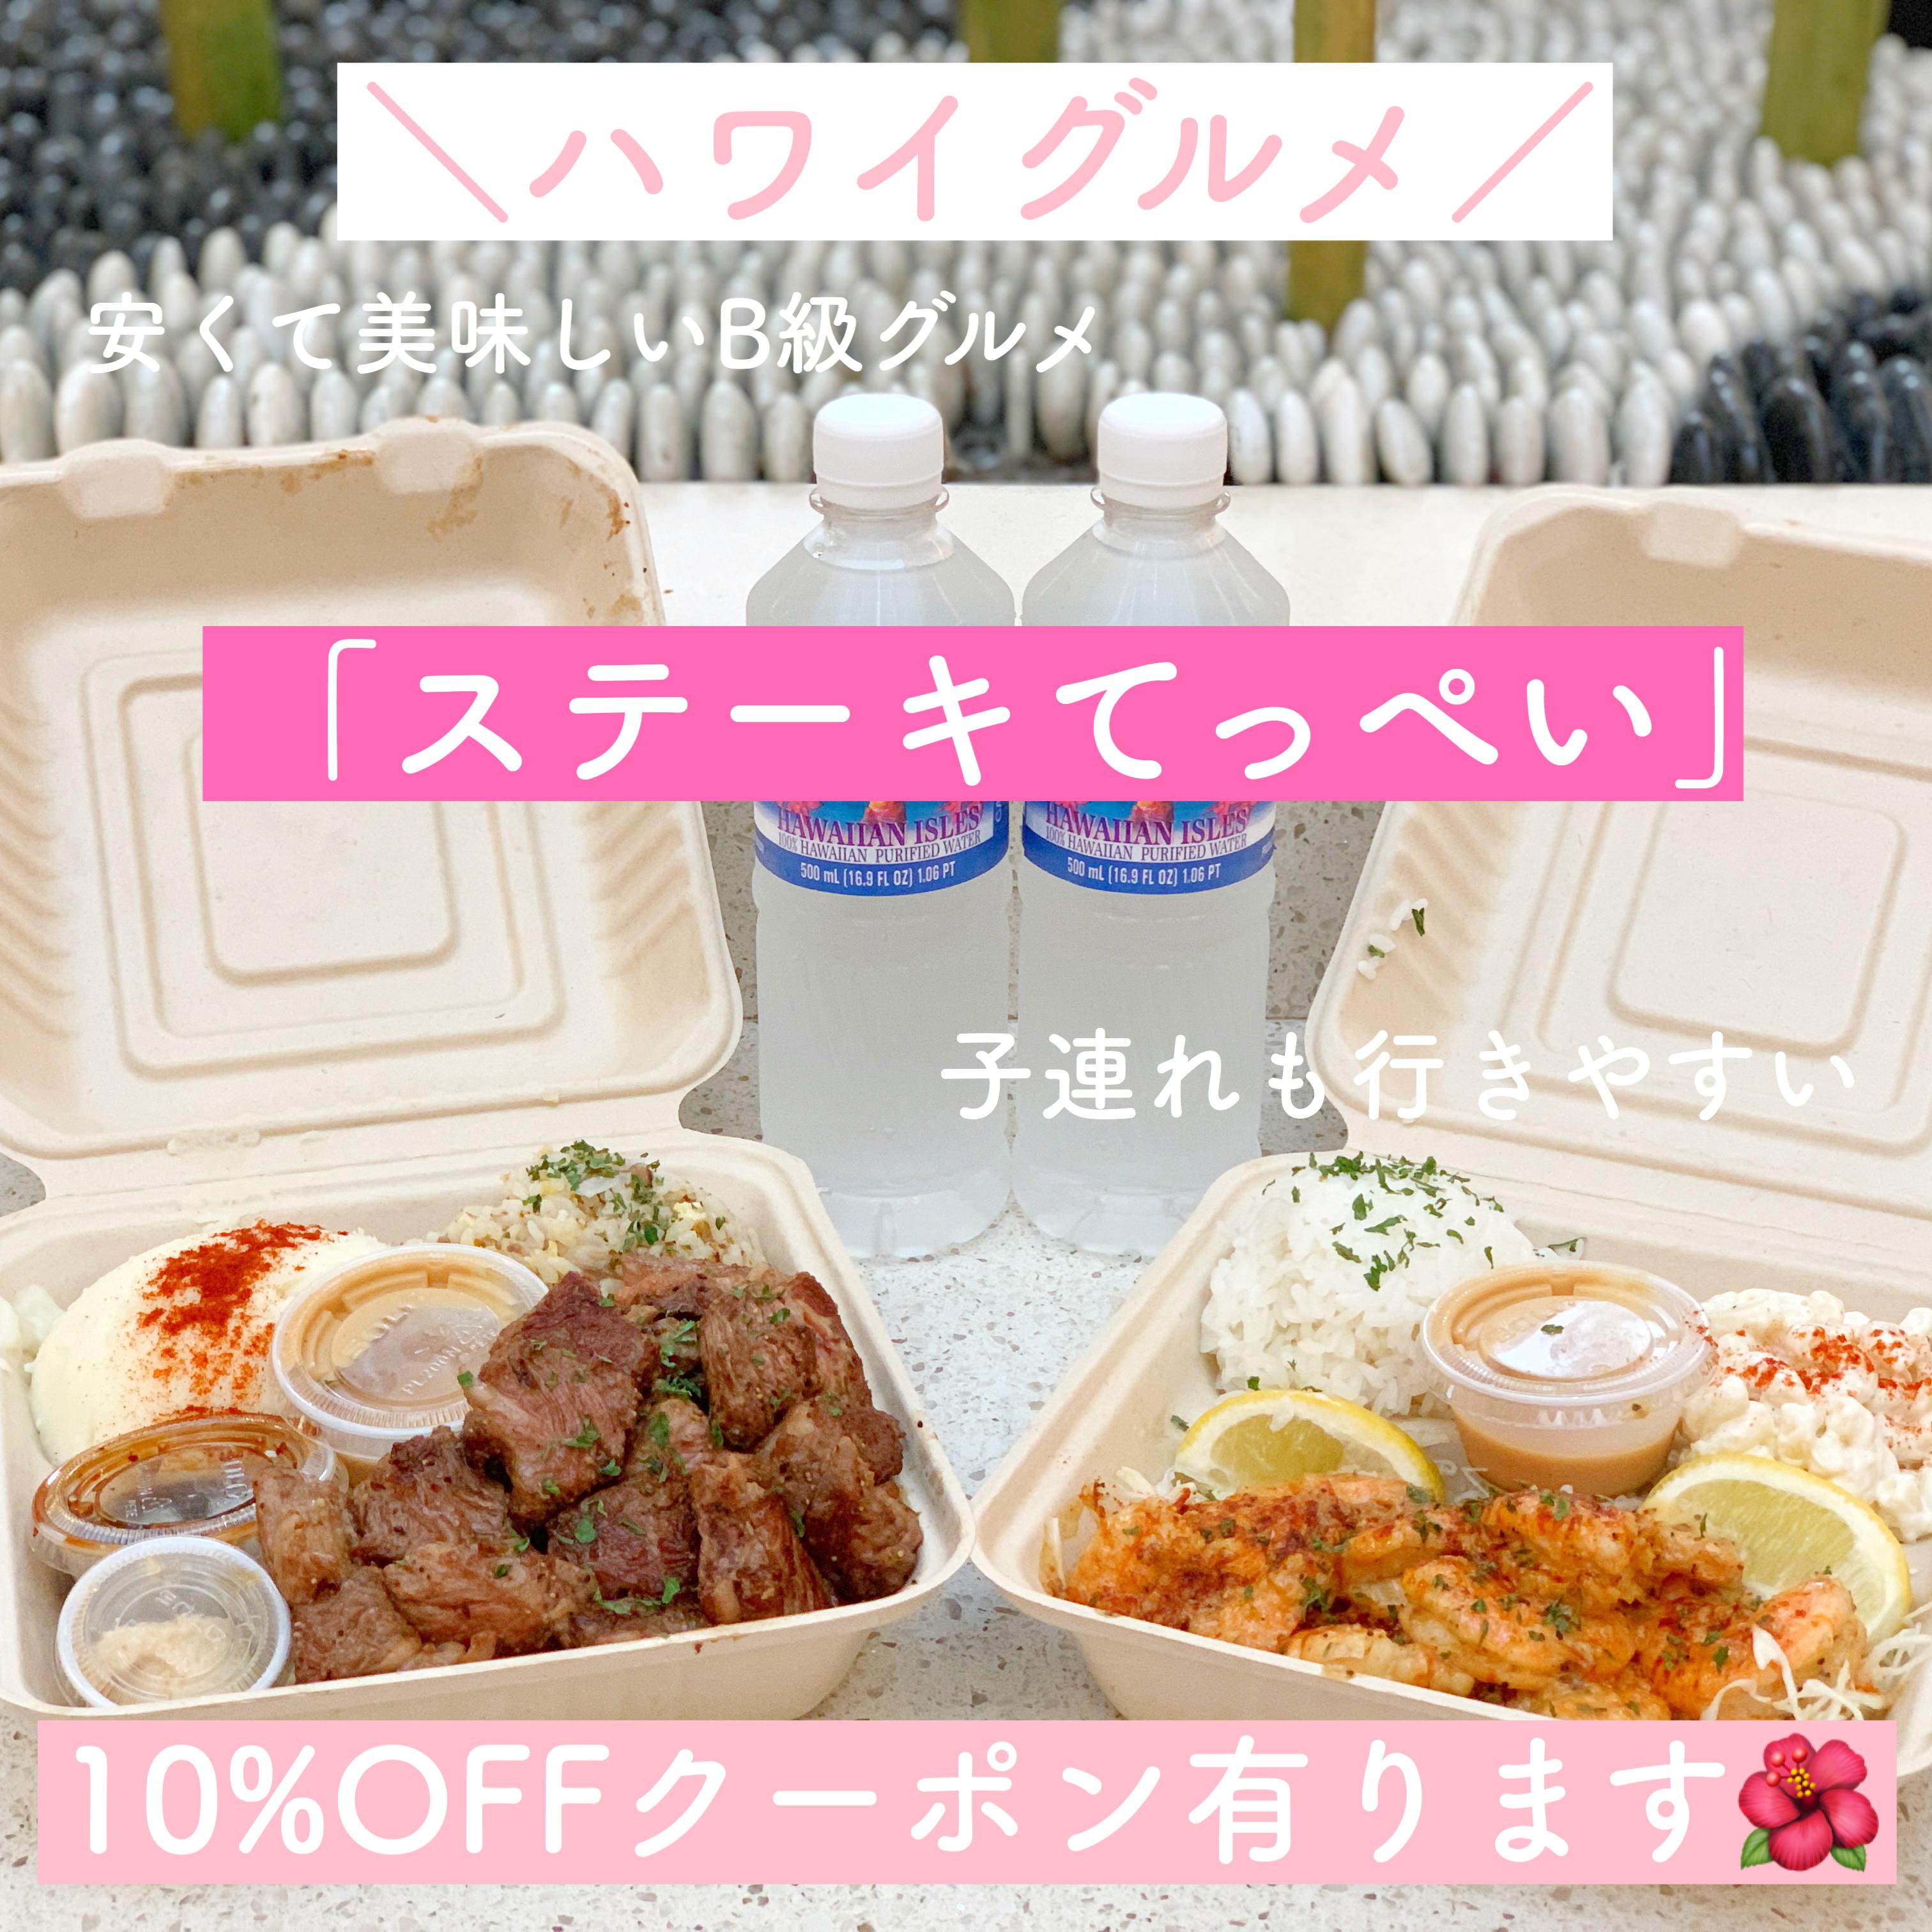 【アラモアナセンター】フードコート「ステーキてっぺい」【10%OFFクーポン】